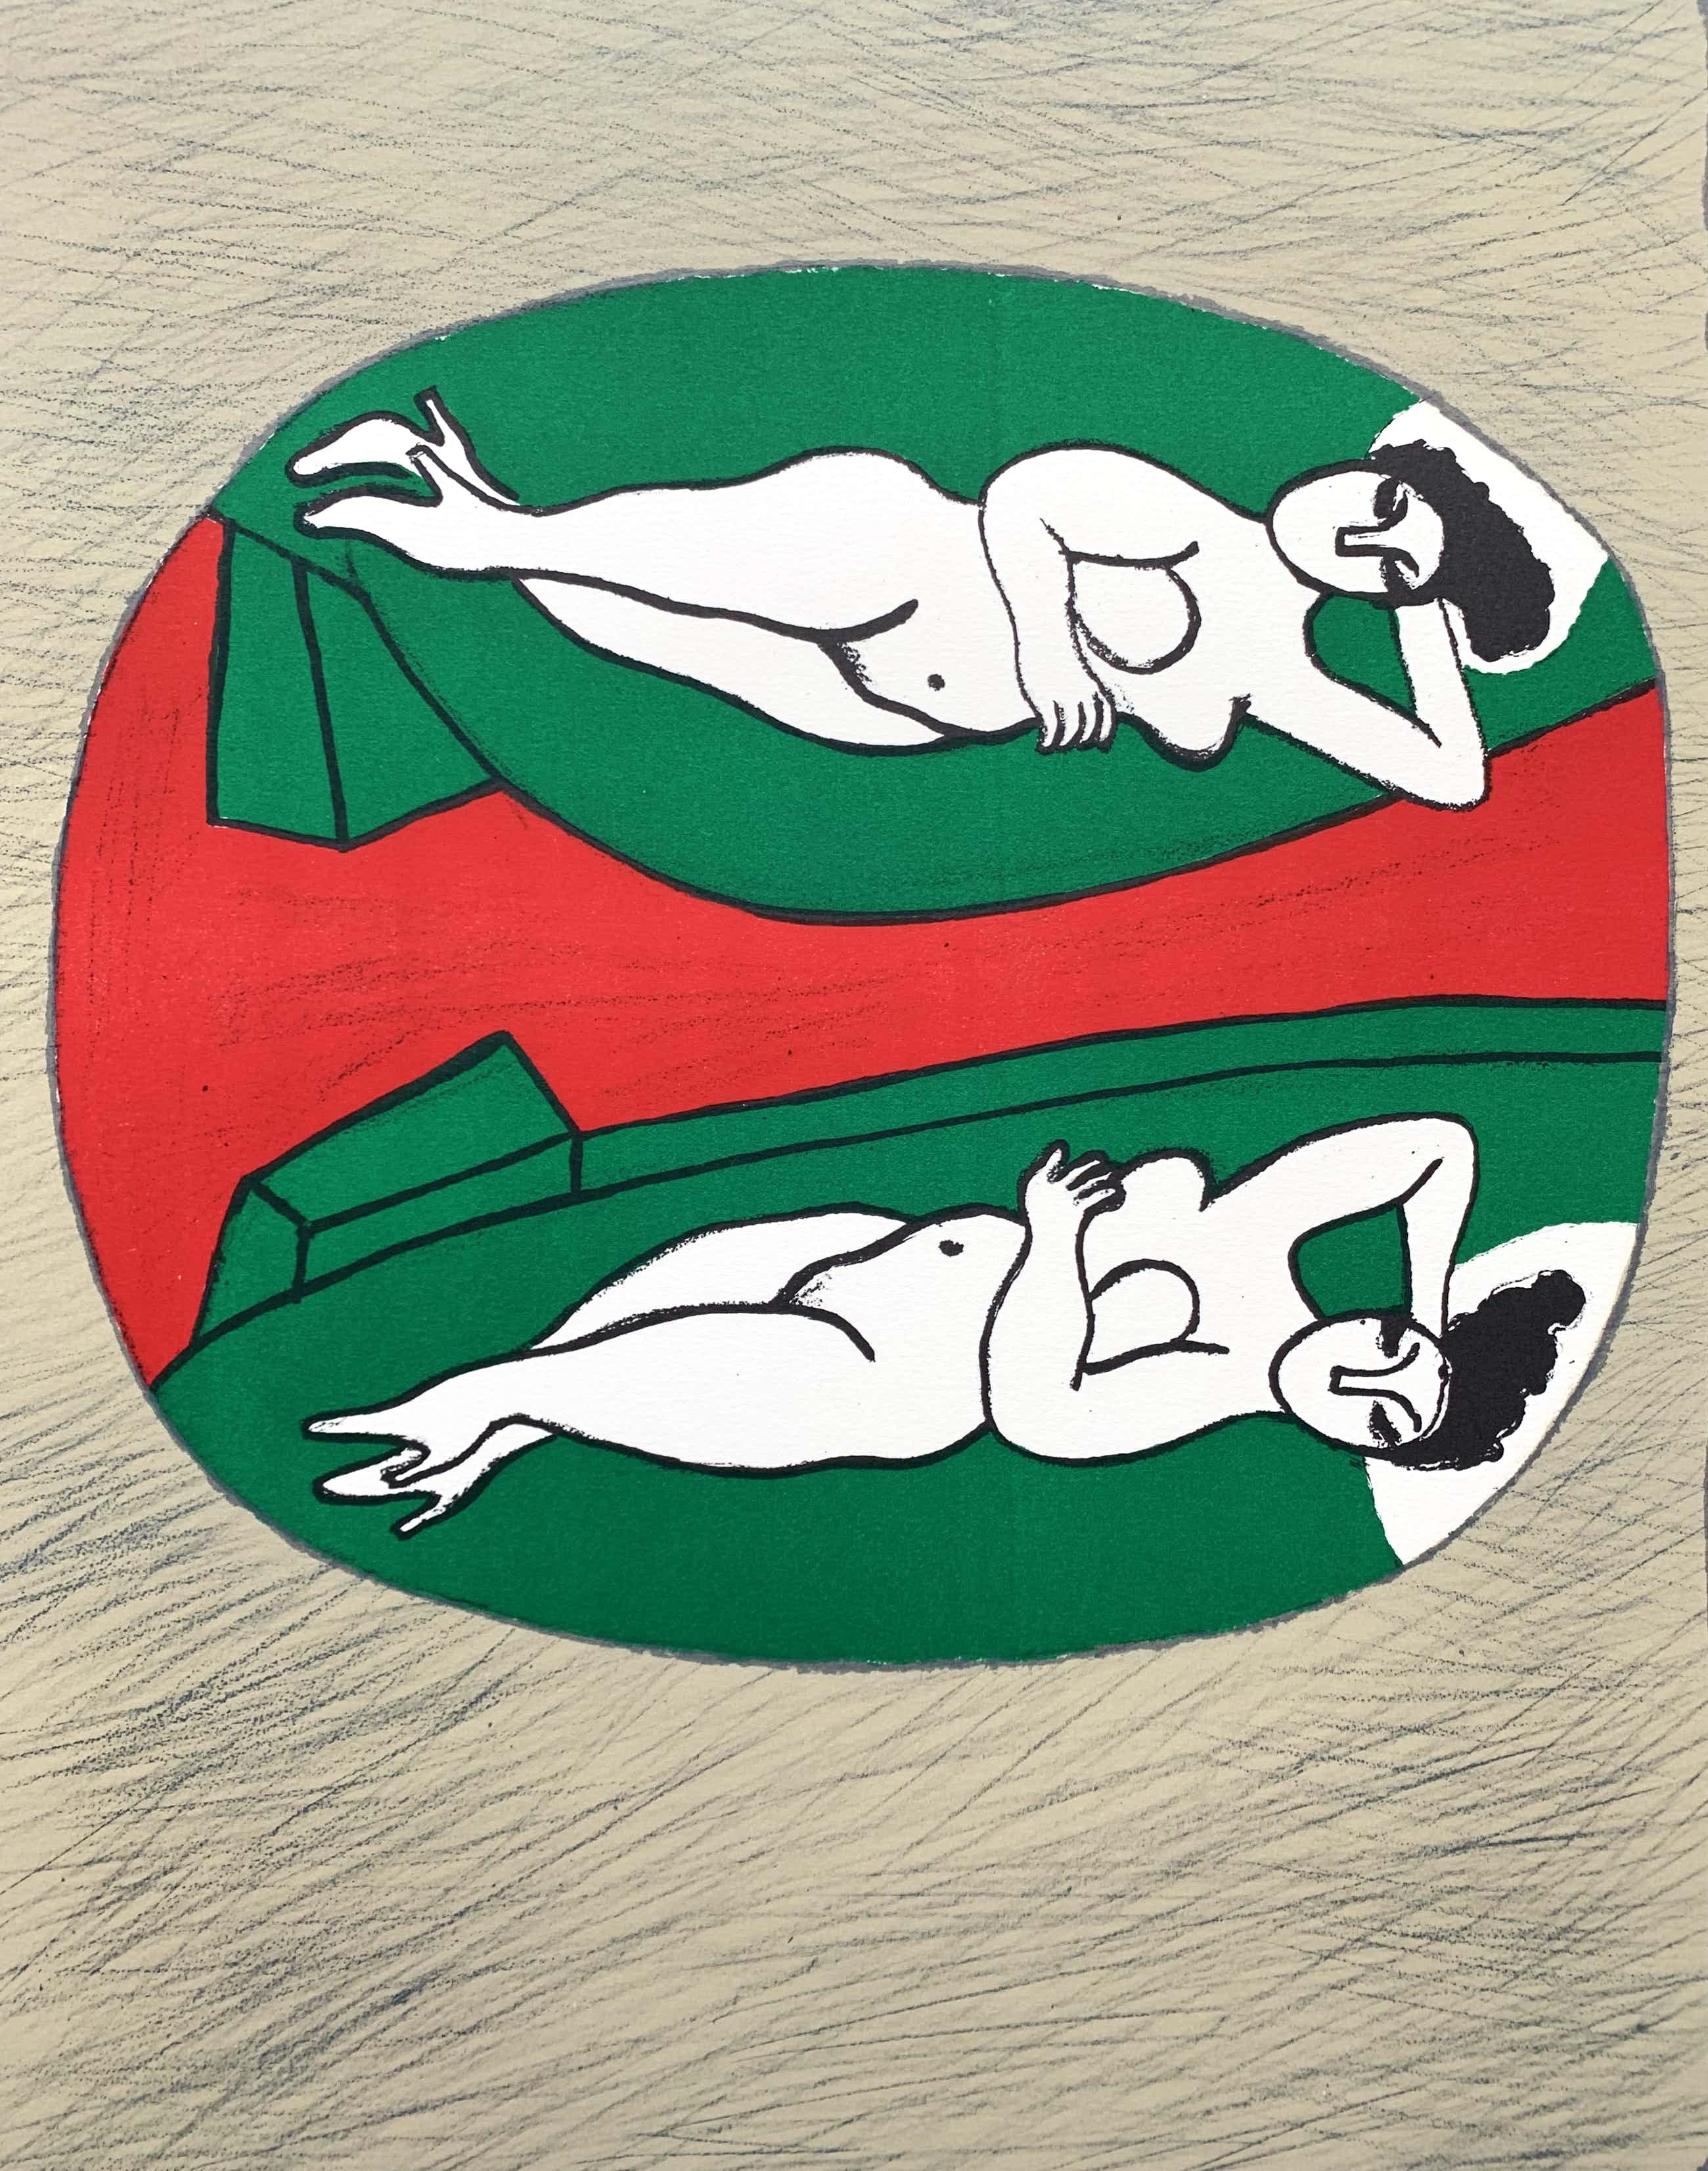 Corneille - kleurenlitho - 'Nu dans un miroir' - 1987 kopen? Bied vanaf 325!